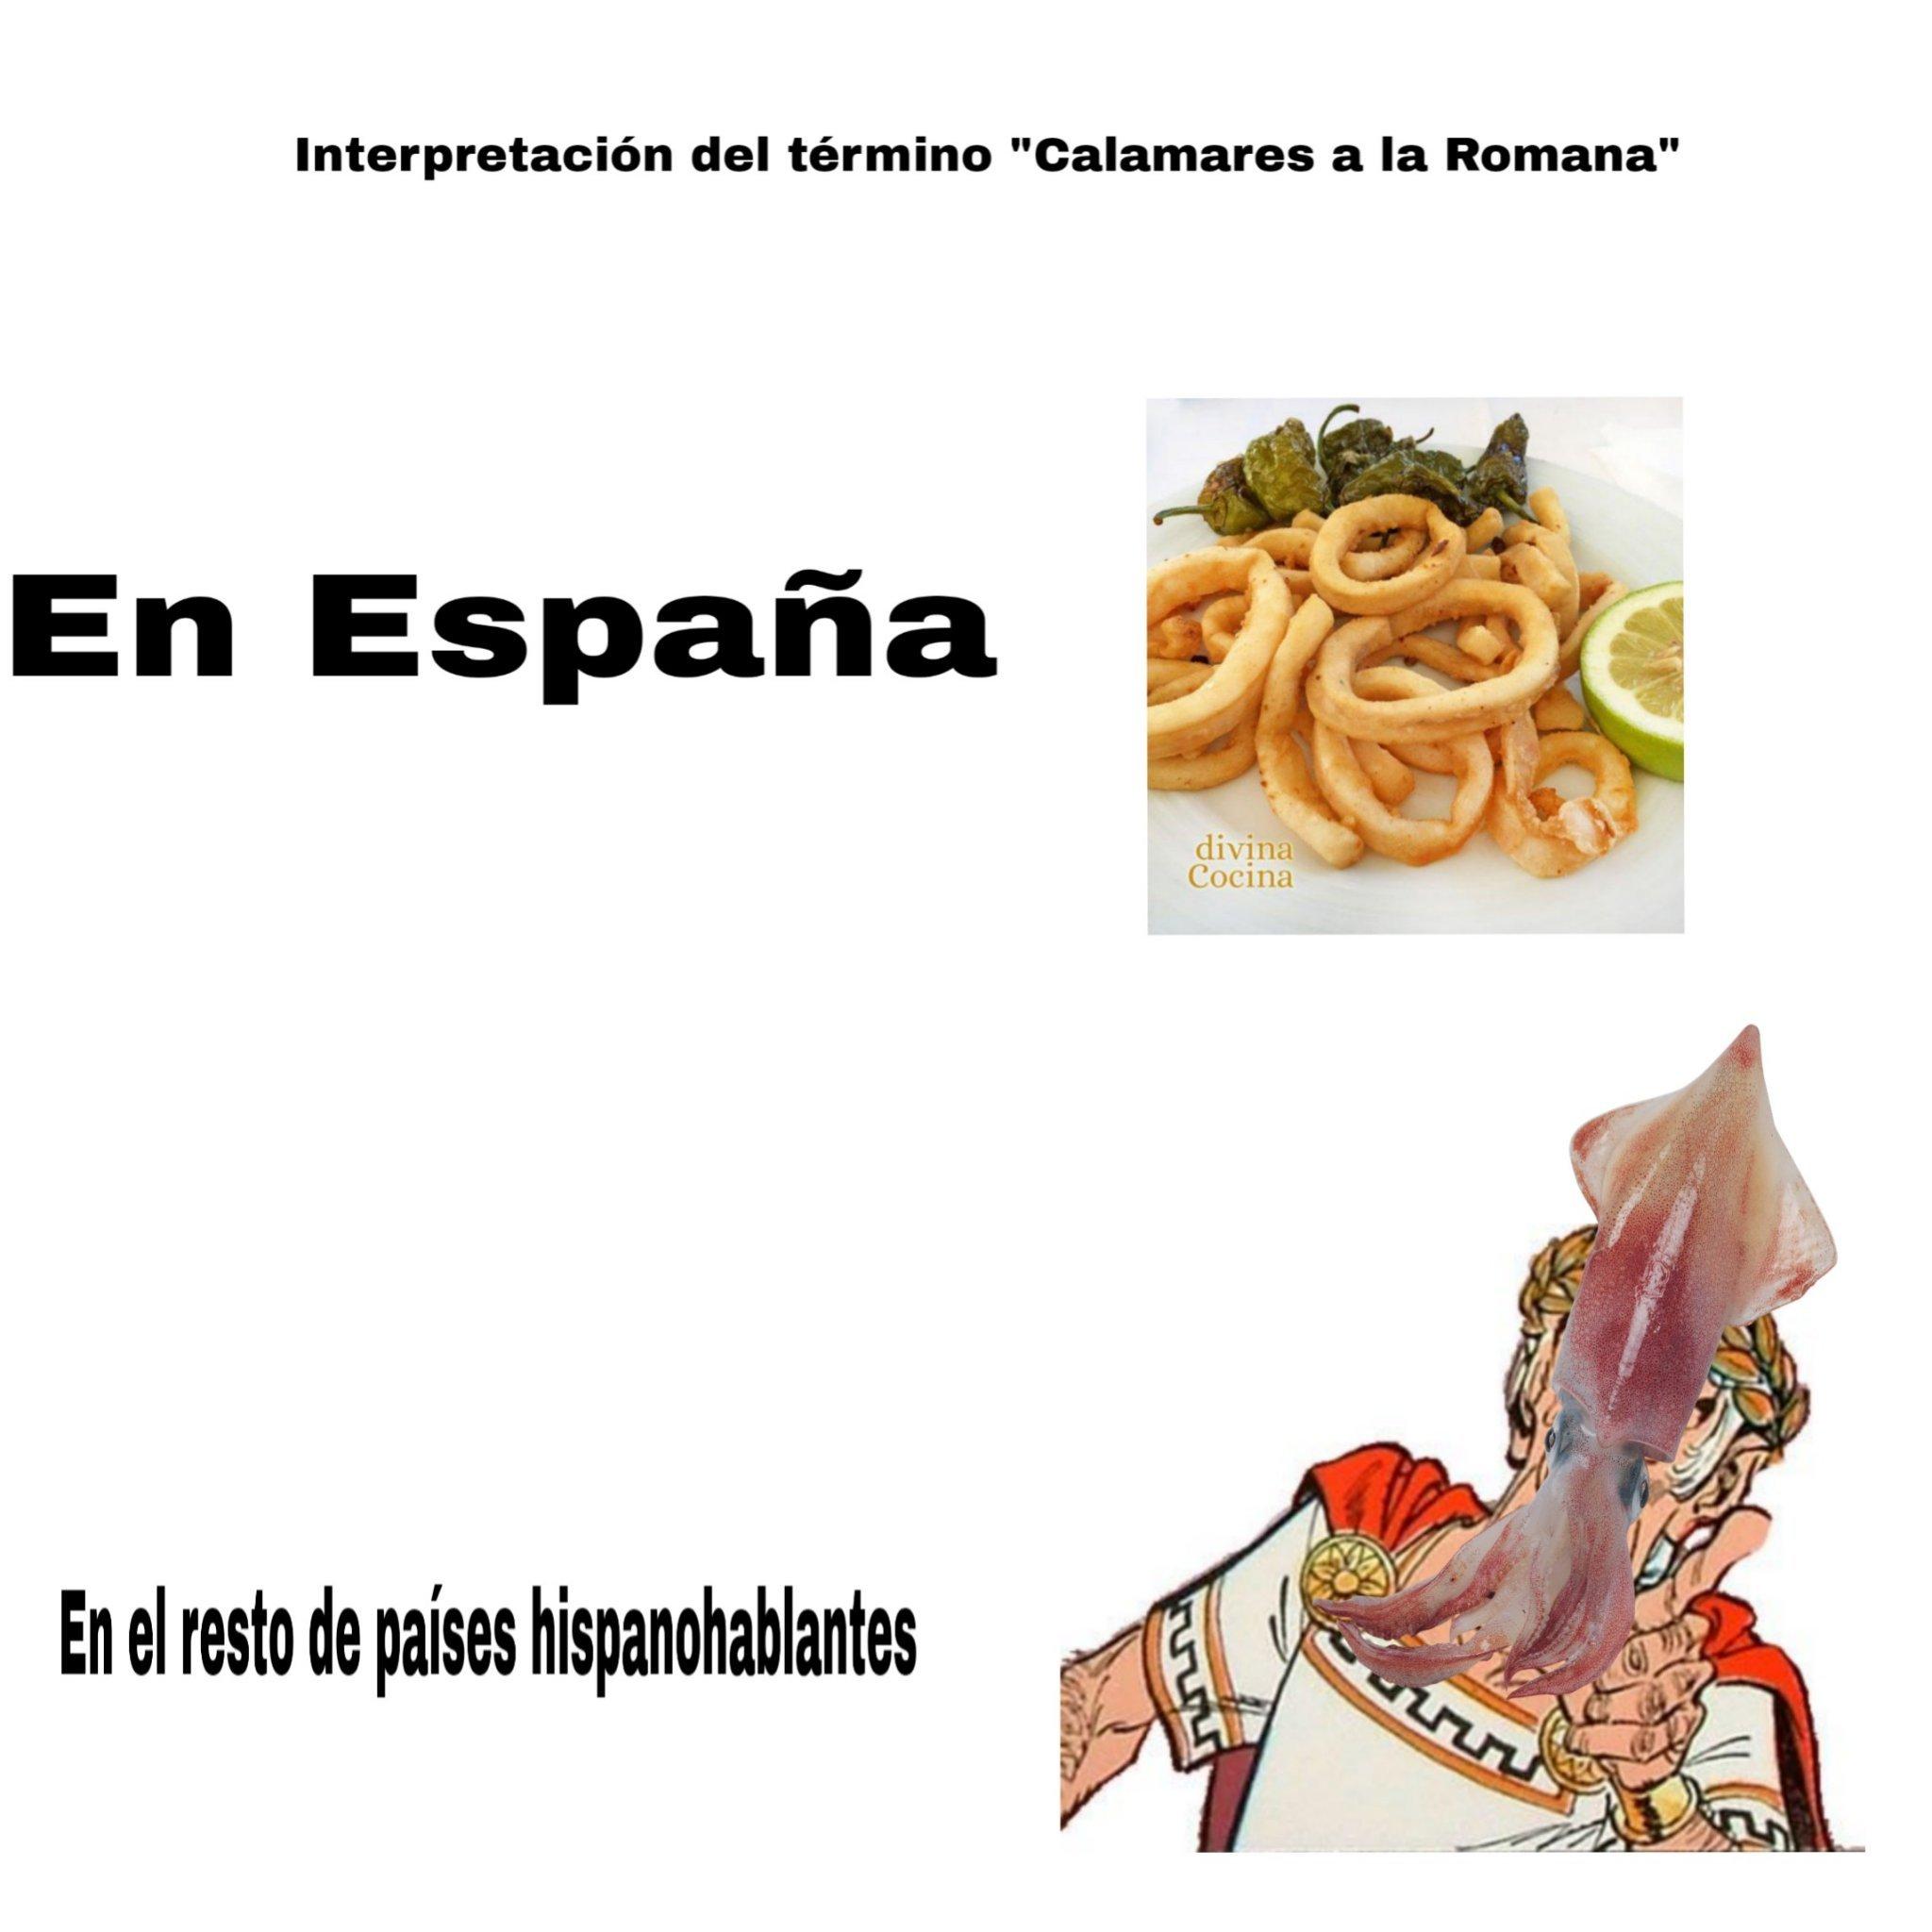 Los Españoles y sus palabrejas - meme